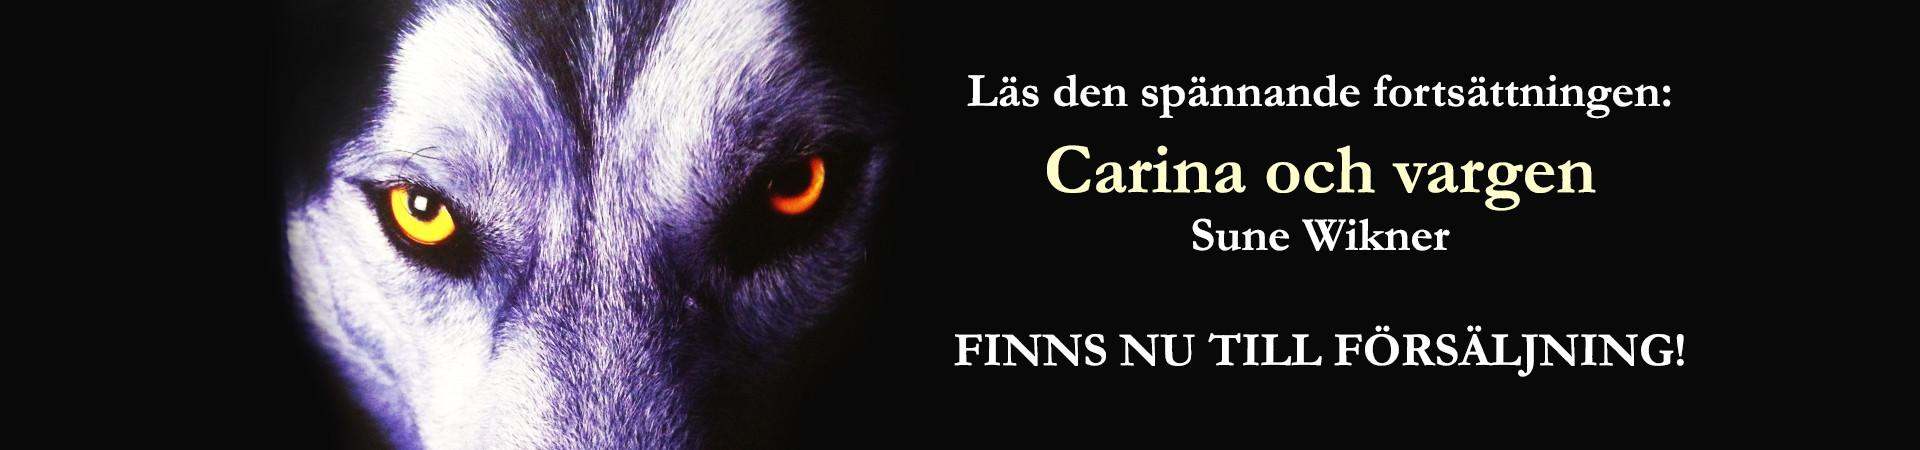 carina-vargen-augusta